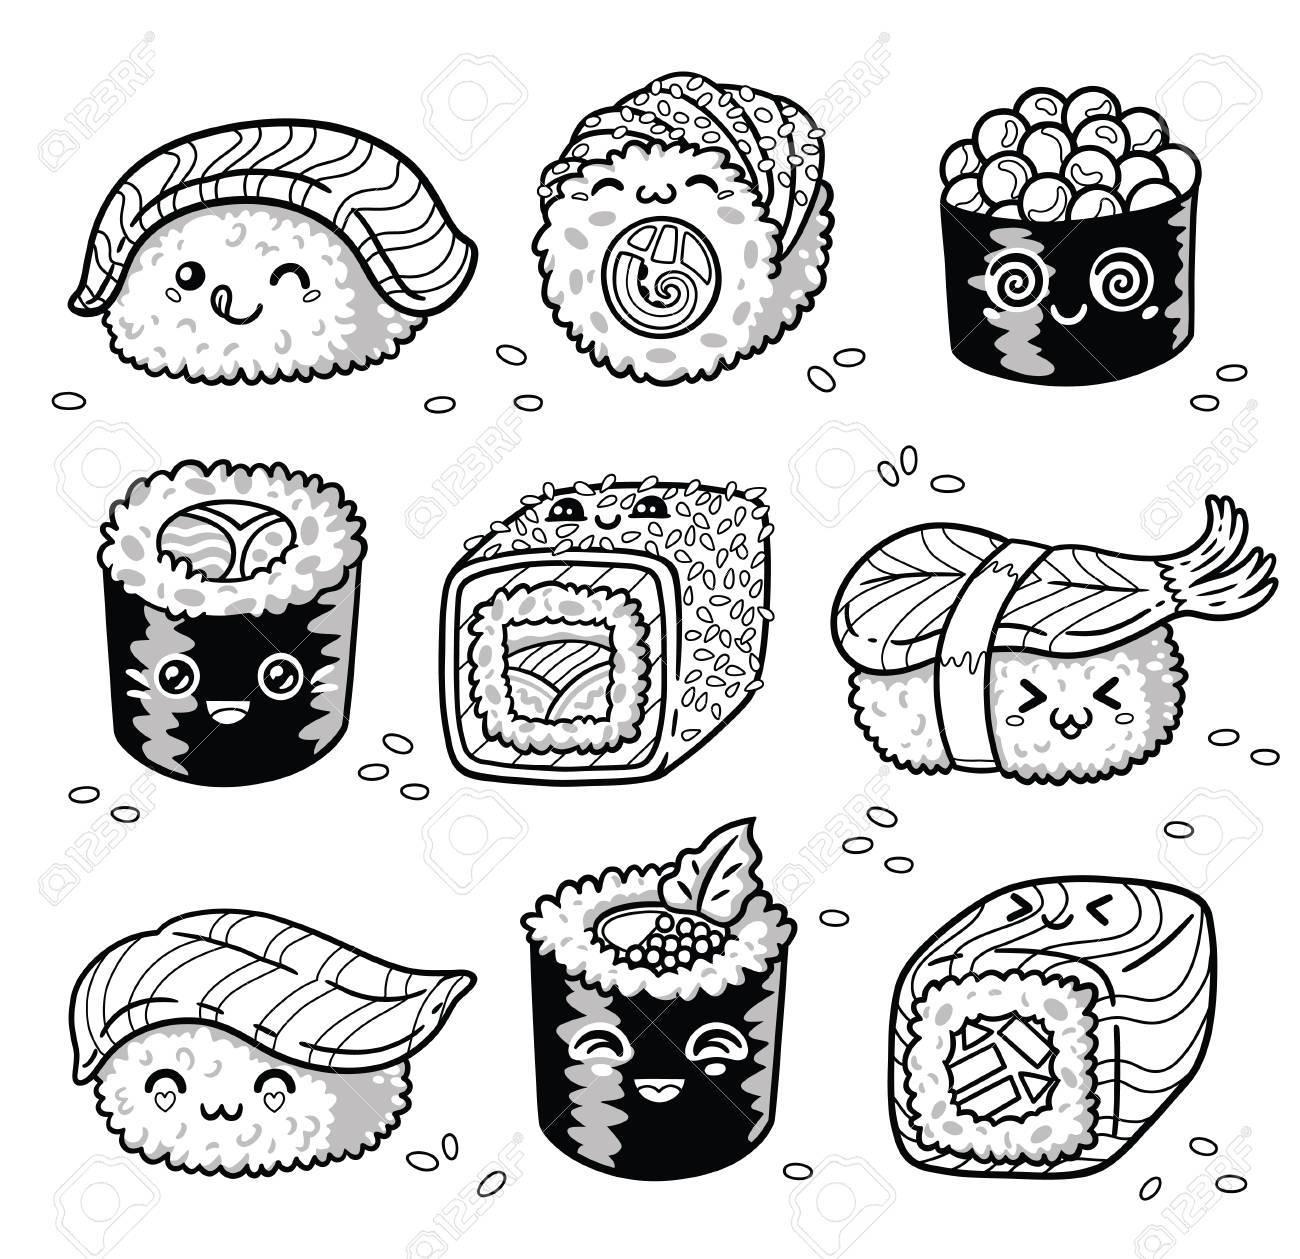 Coloriage Kawaii Sushi.Rouleaux De Kawaii Et Dessin Anime De Sushi Manga Dans Les Grandes